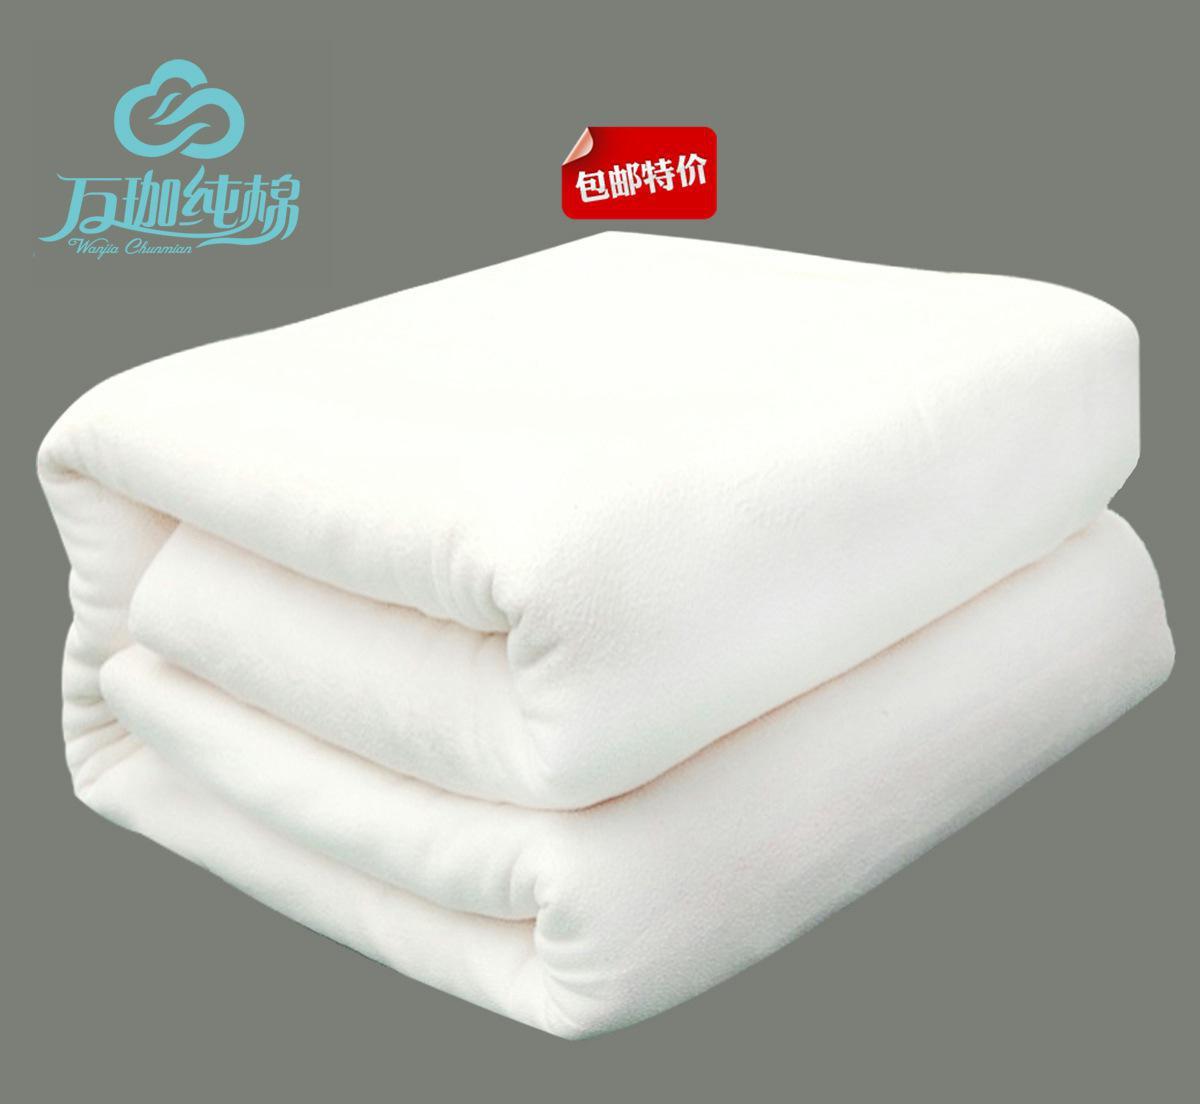 纯棉家纺长绒棉新疆棉絮棉被冬季正品厂家直销6斤有网棉胎